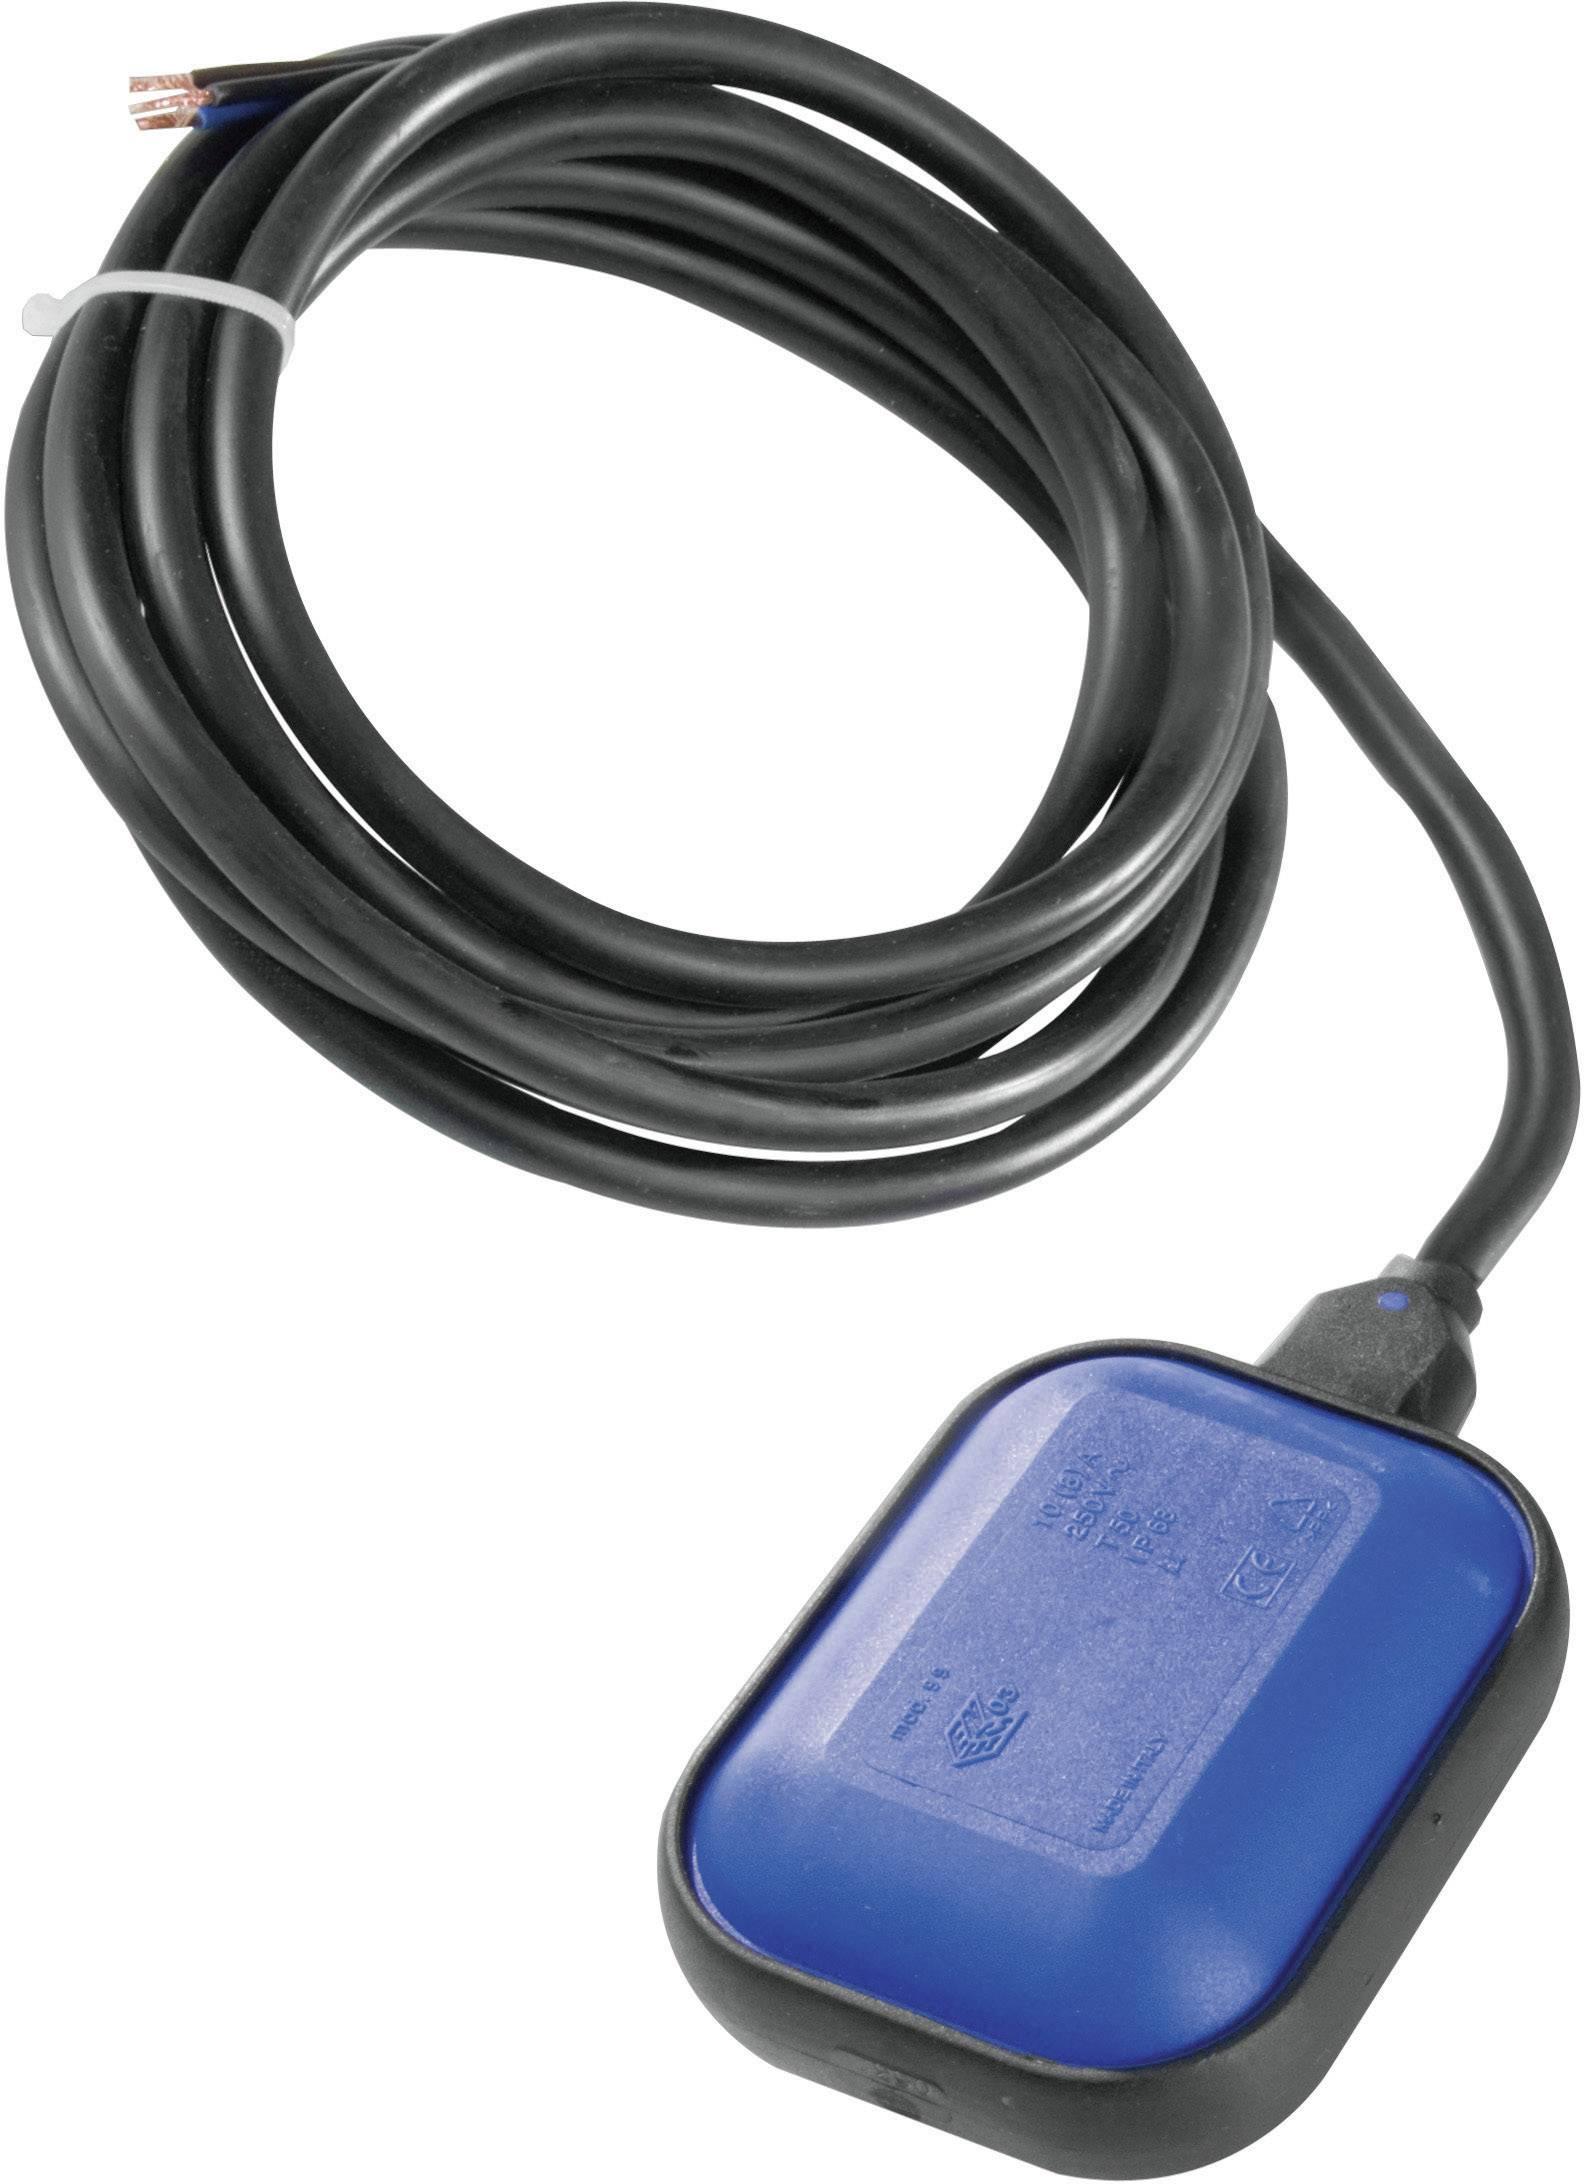 Plavákový spínač pre napúšťanie/vypúšťanie Wallair 1CLRLG05/20PVC, 20 m, modrý